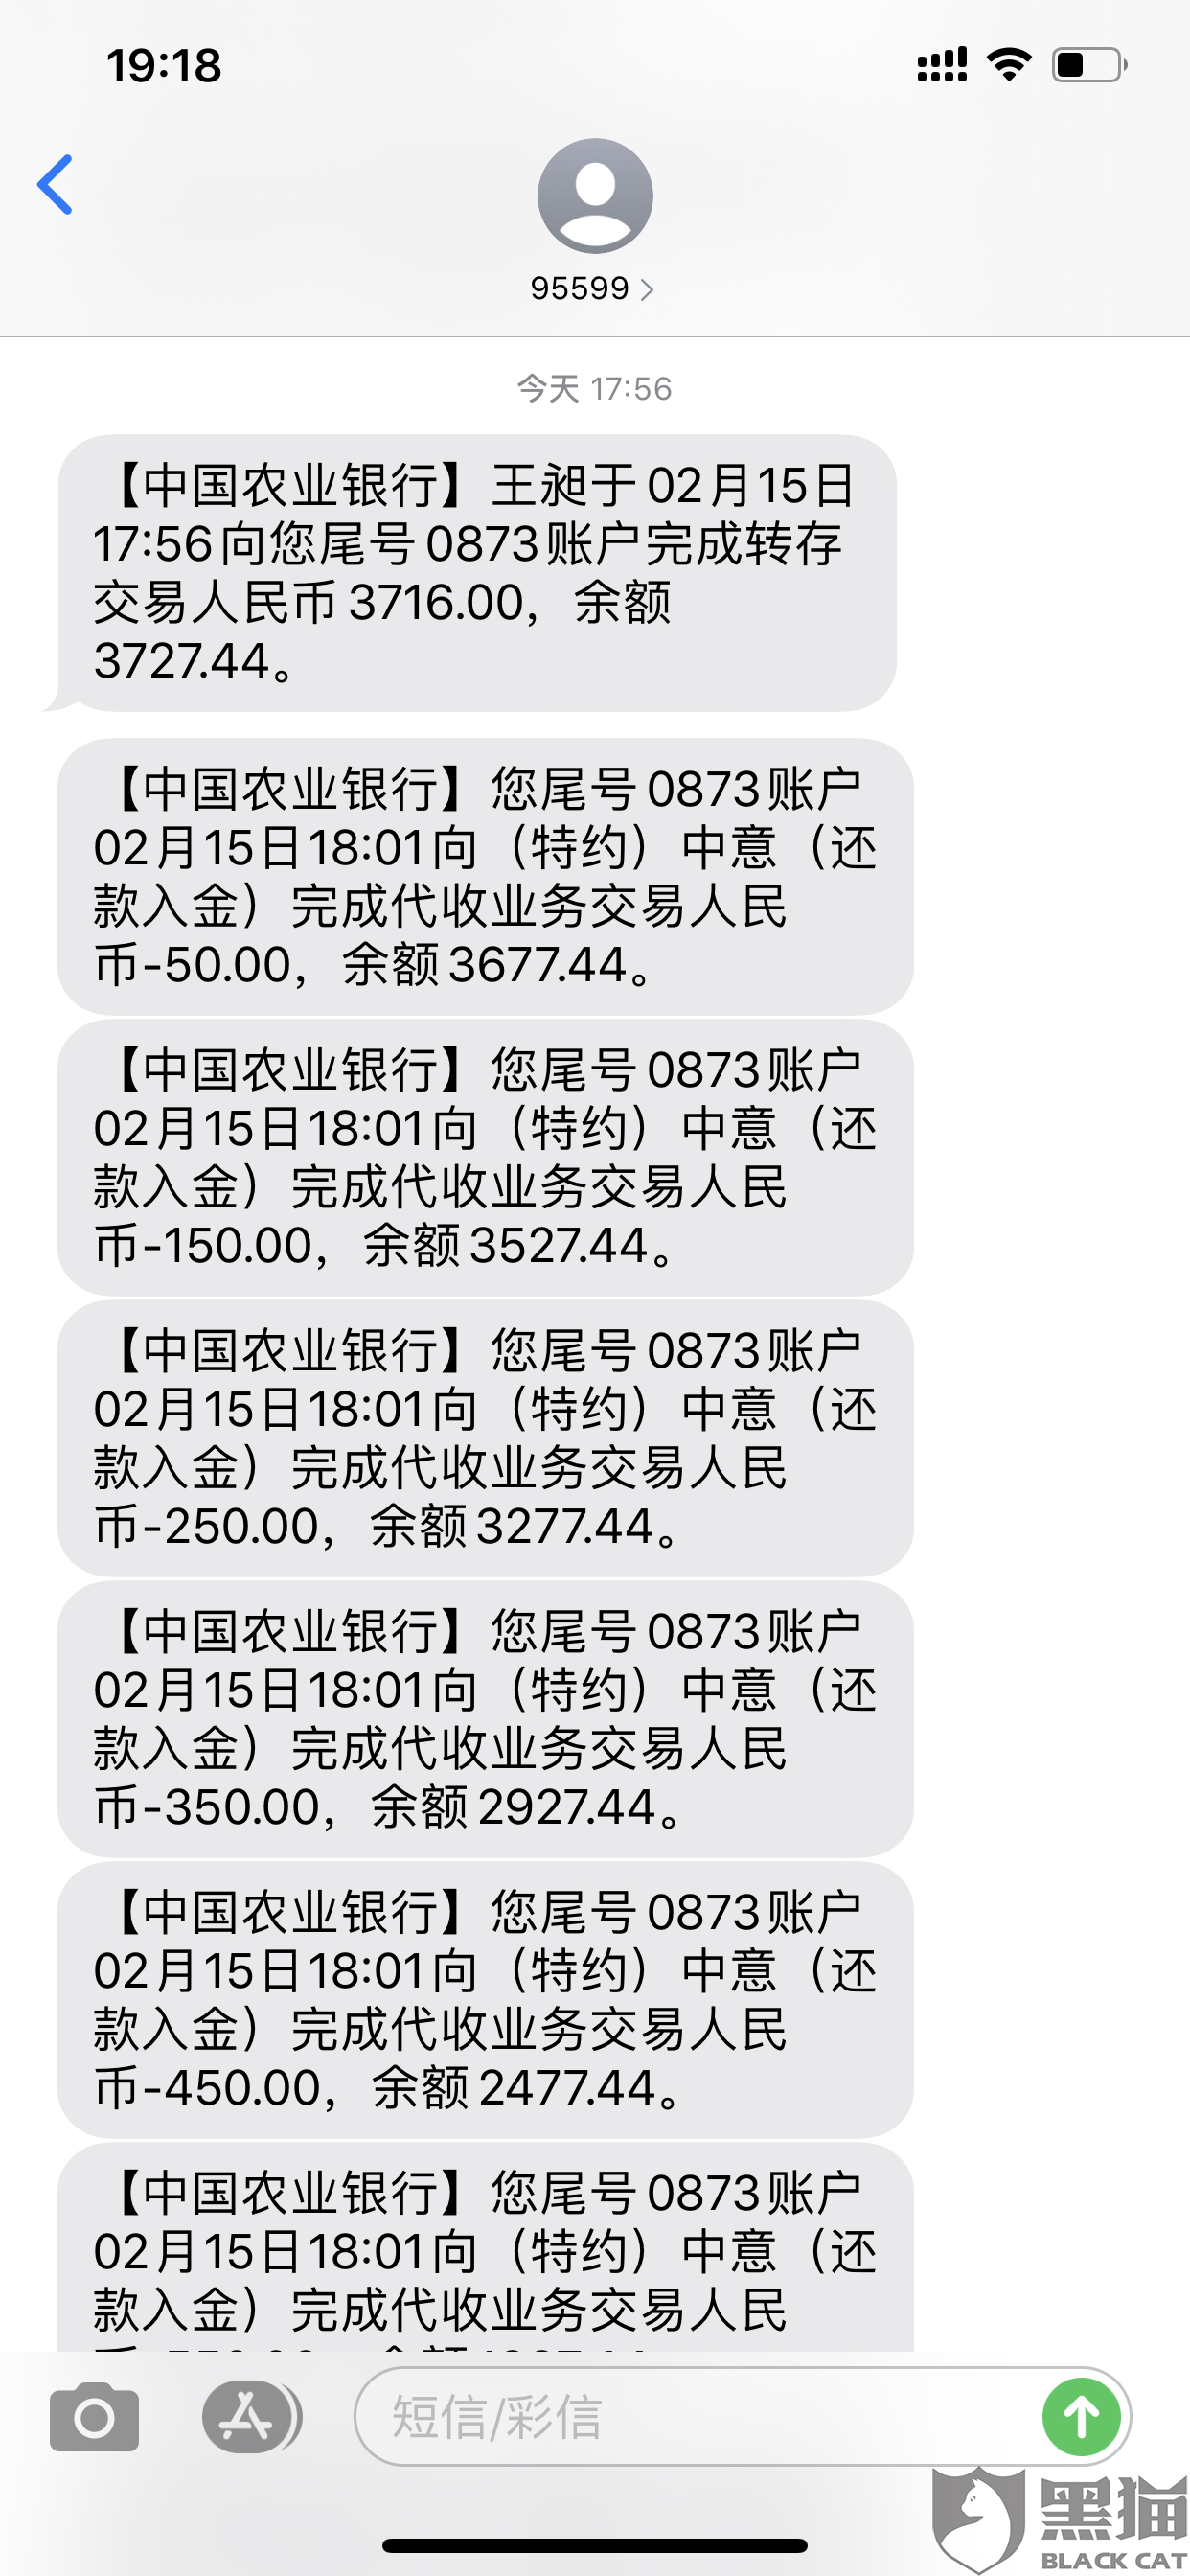 黑猫投诉:中国农业银行20秒钟内向(特约)中意(还款入金)完成代收业务合计3563.01元